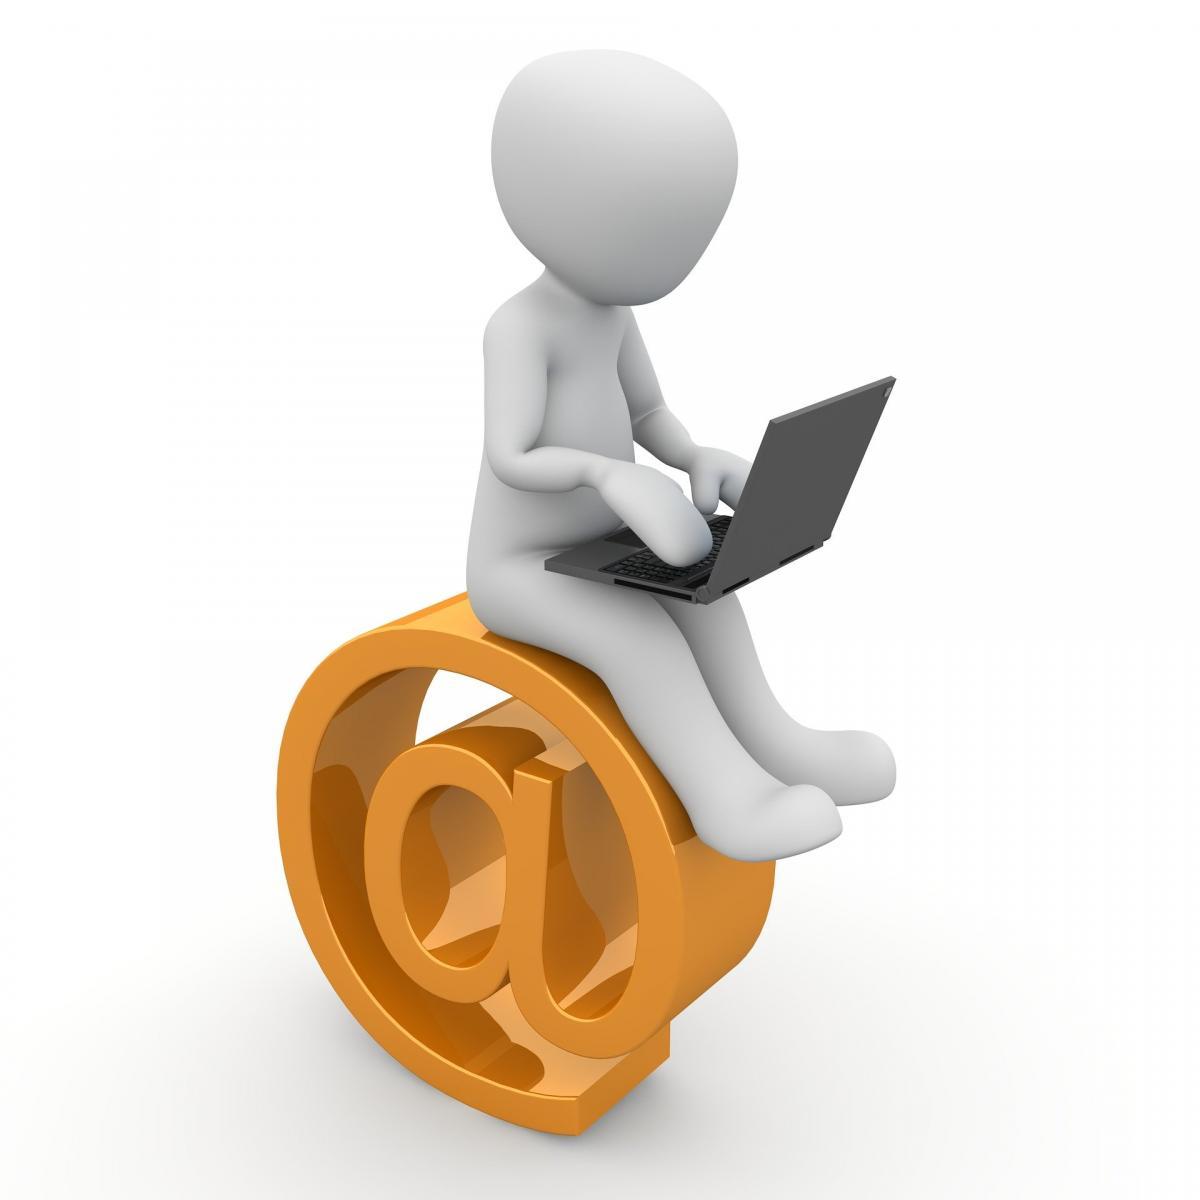 12 Dinge, auf die Sie beim Versand von E-Mails achten müssen - Teil 1